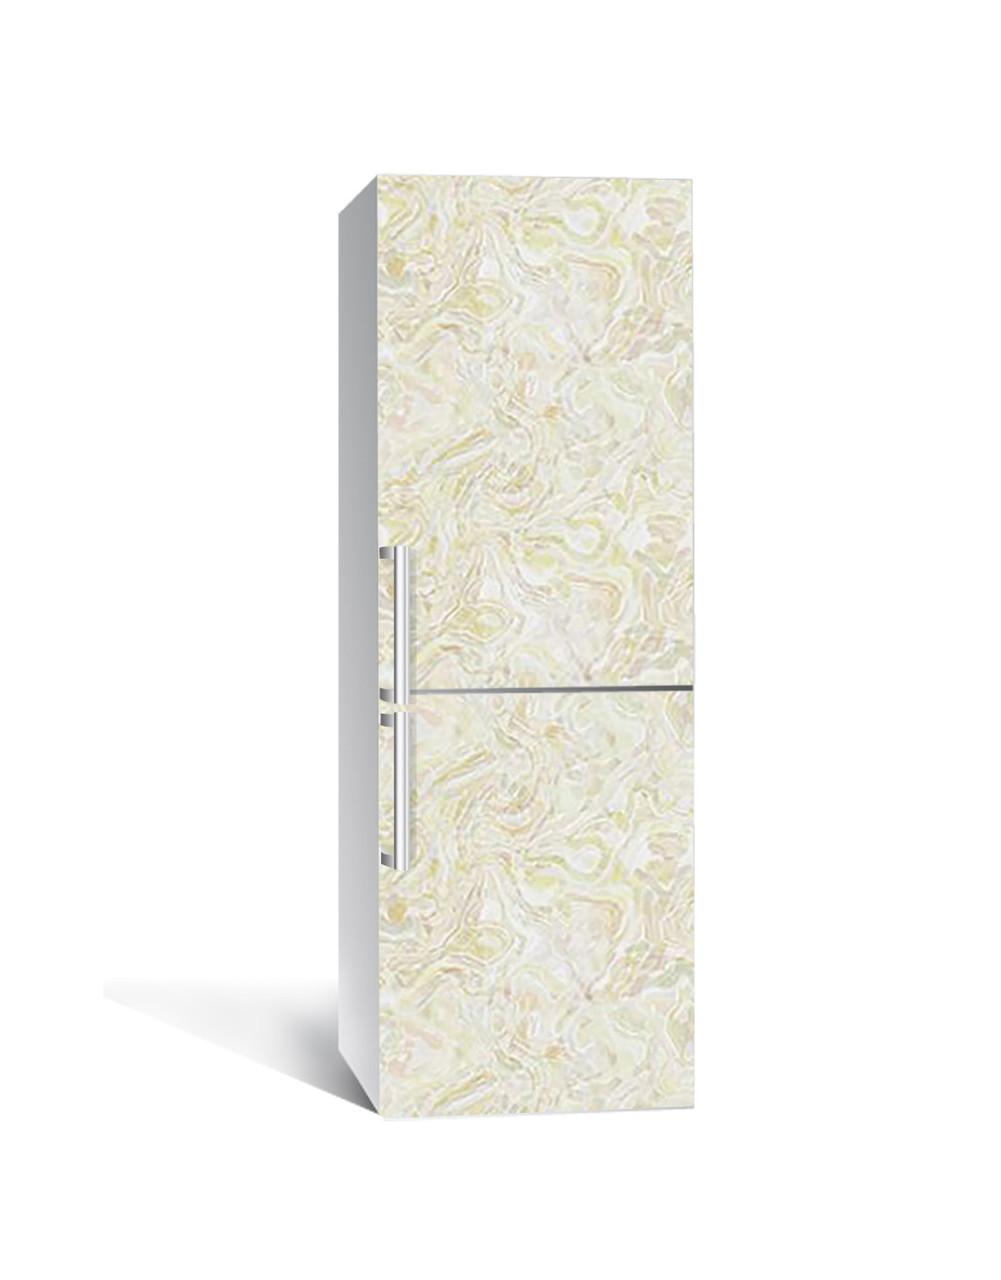 Декор 3Д наклейка на холодильник Бежевый Мрамор 03 (пленка ПВХ фотопечать) 65*200см Текстуры Бежевый